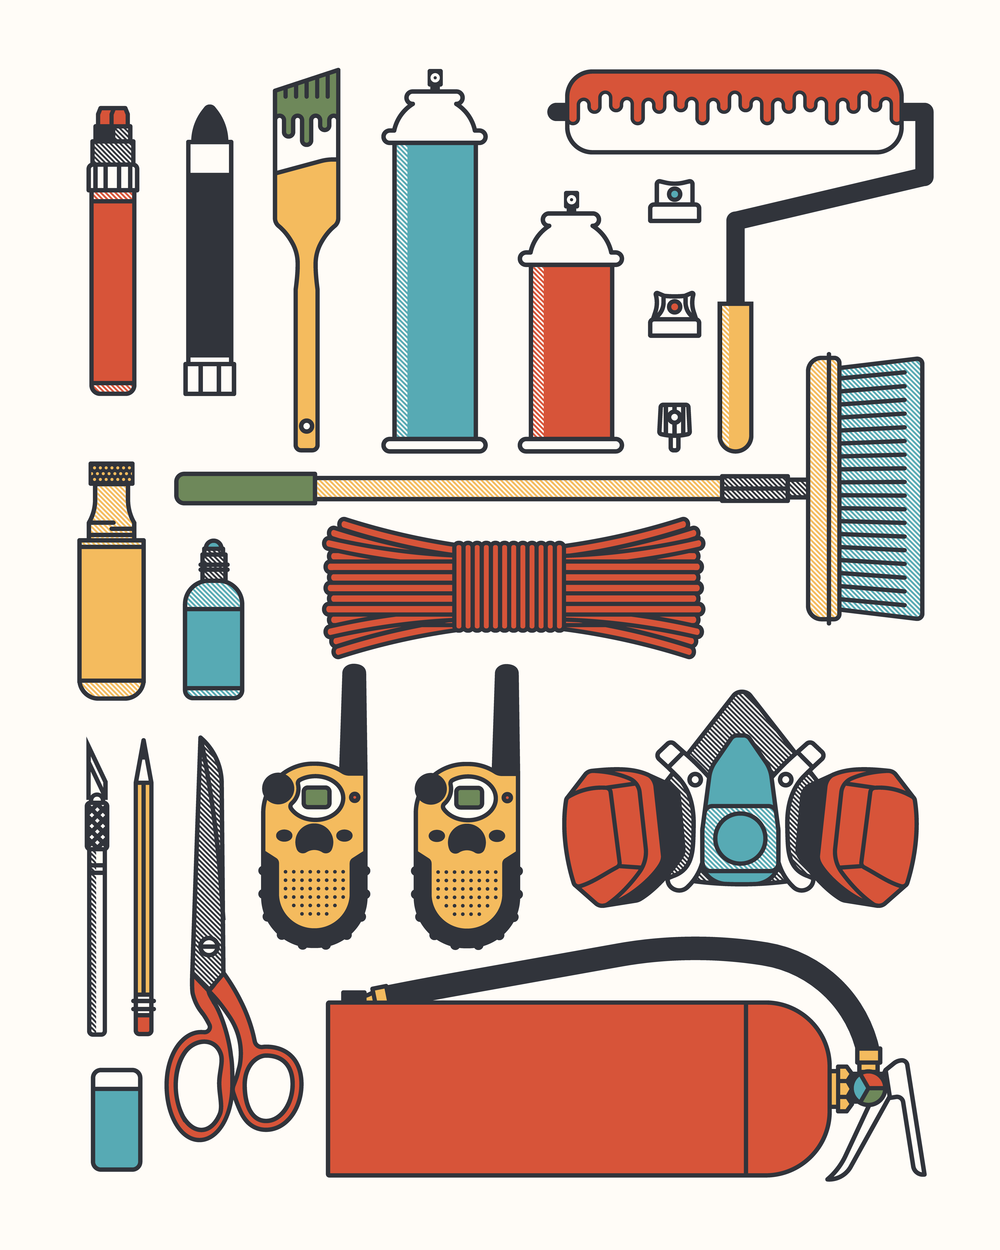 Street_Art_Tools.png